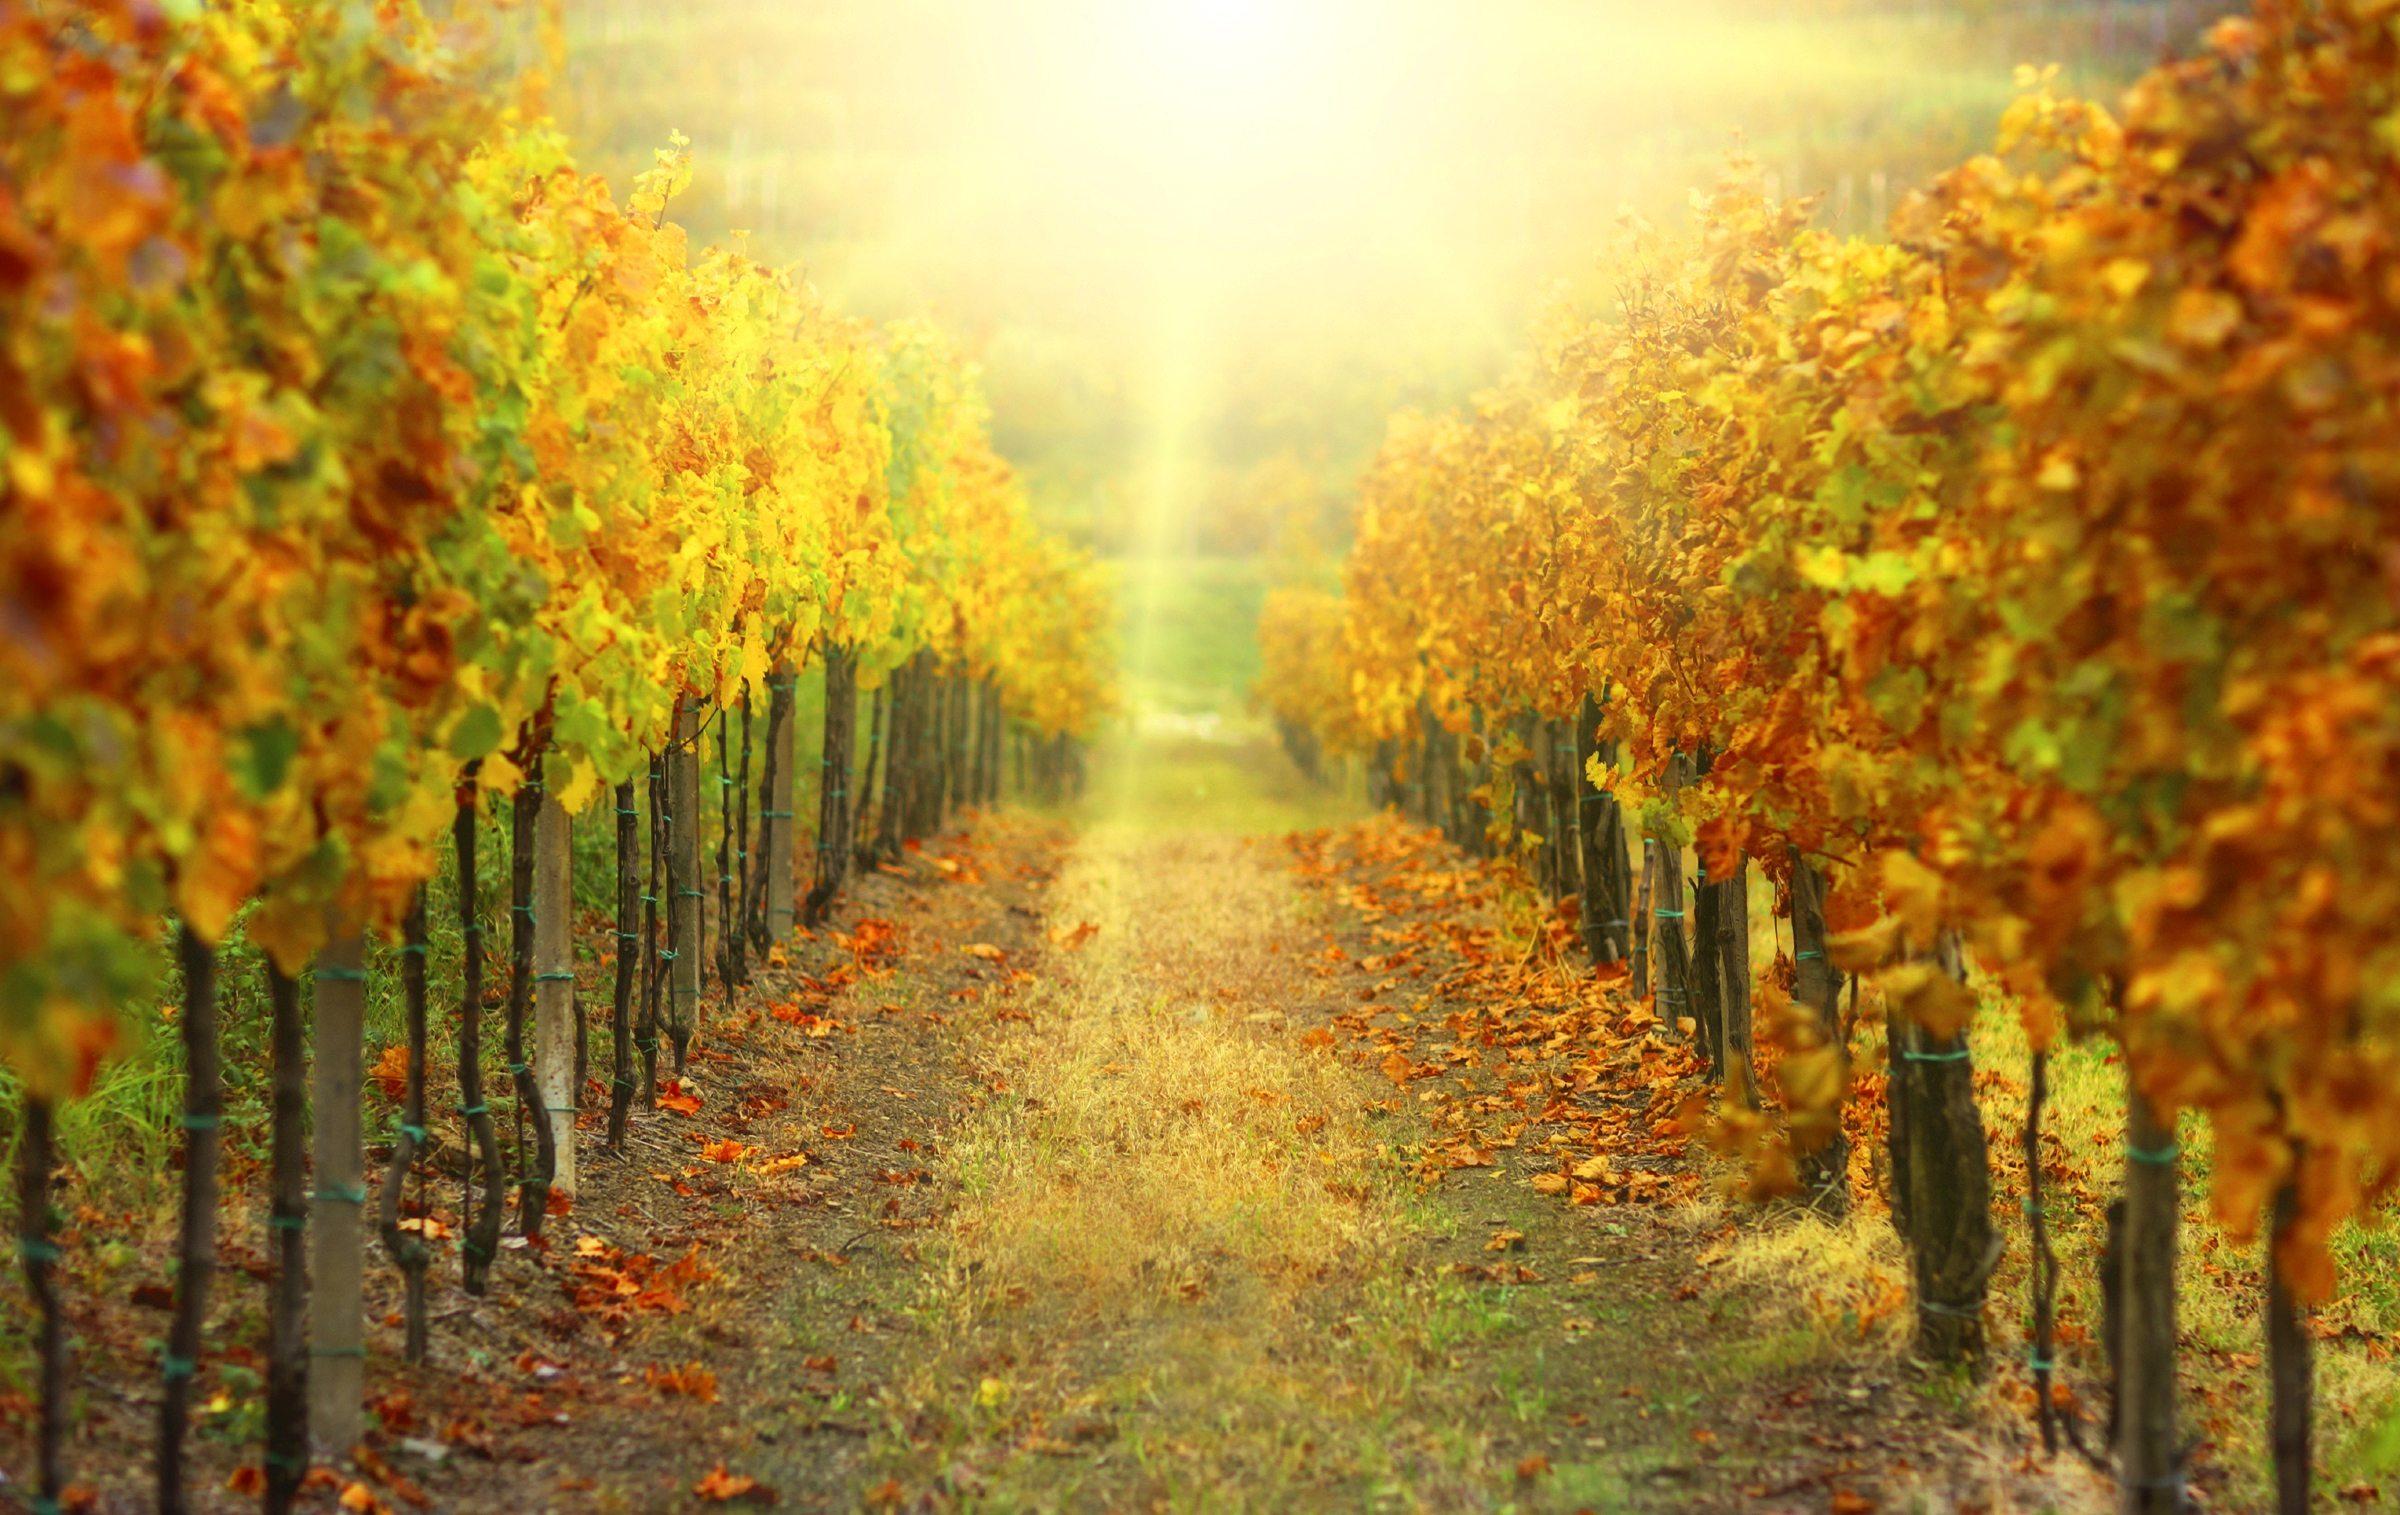 Rượu vang Pháp là gì? Tìm hiểu rượu vang Pháp